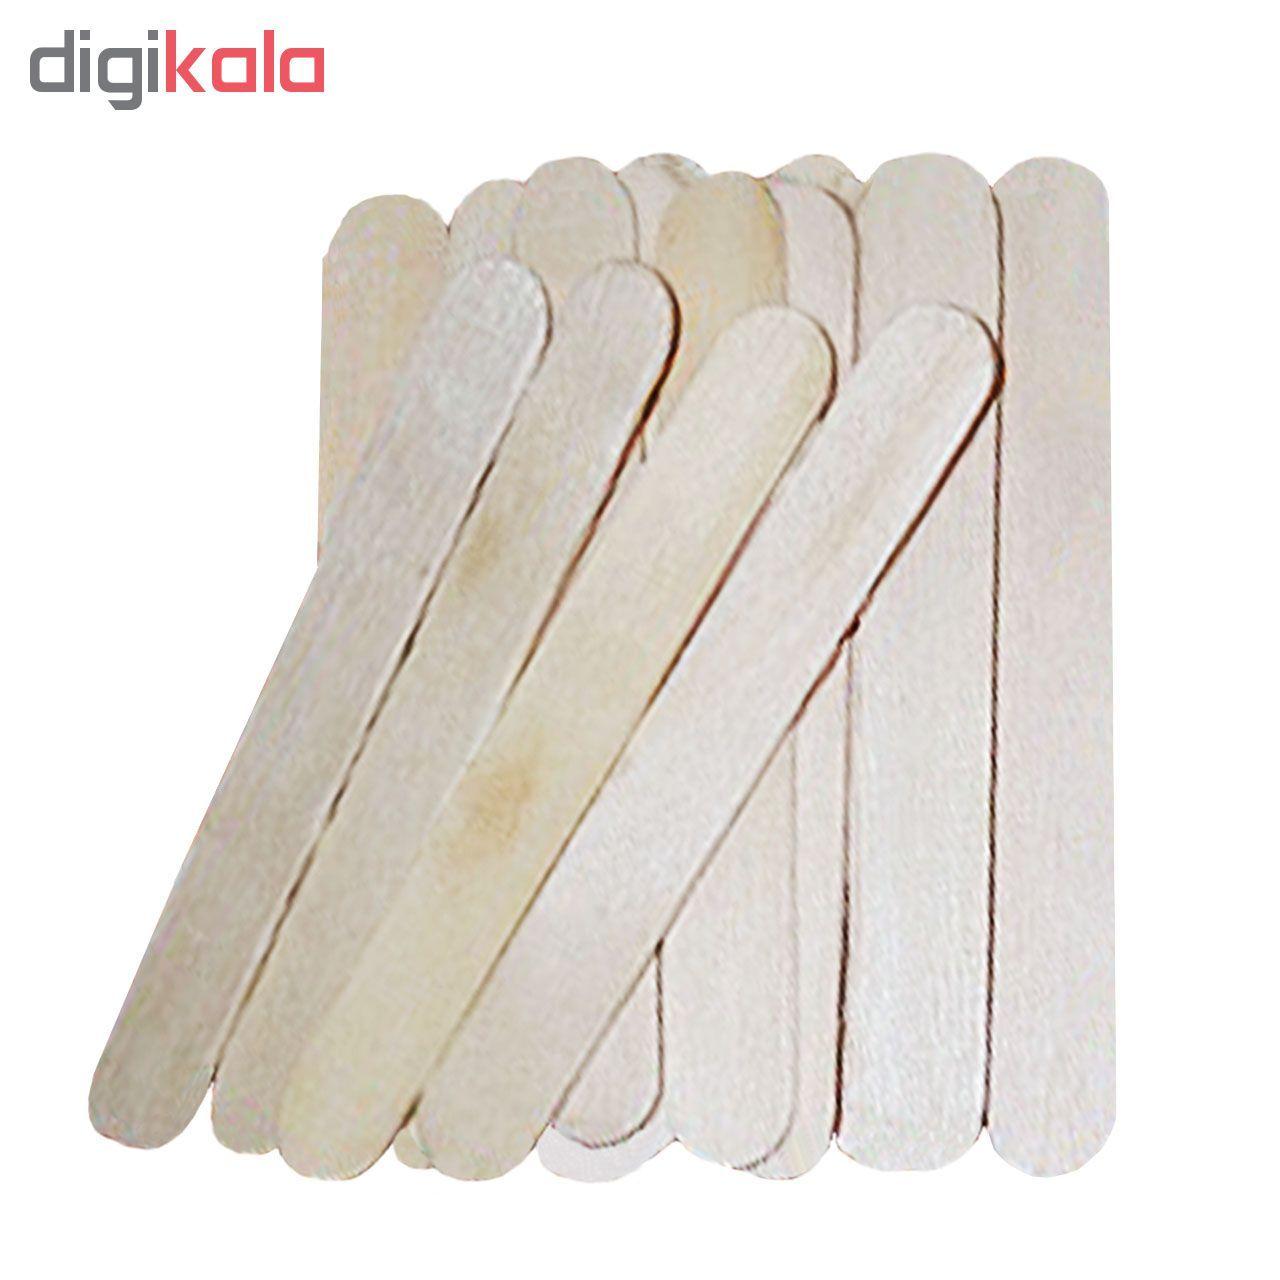 چوب بستنی کد 100446 بسته 40 عددی main 1 1